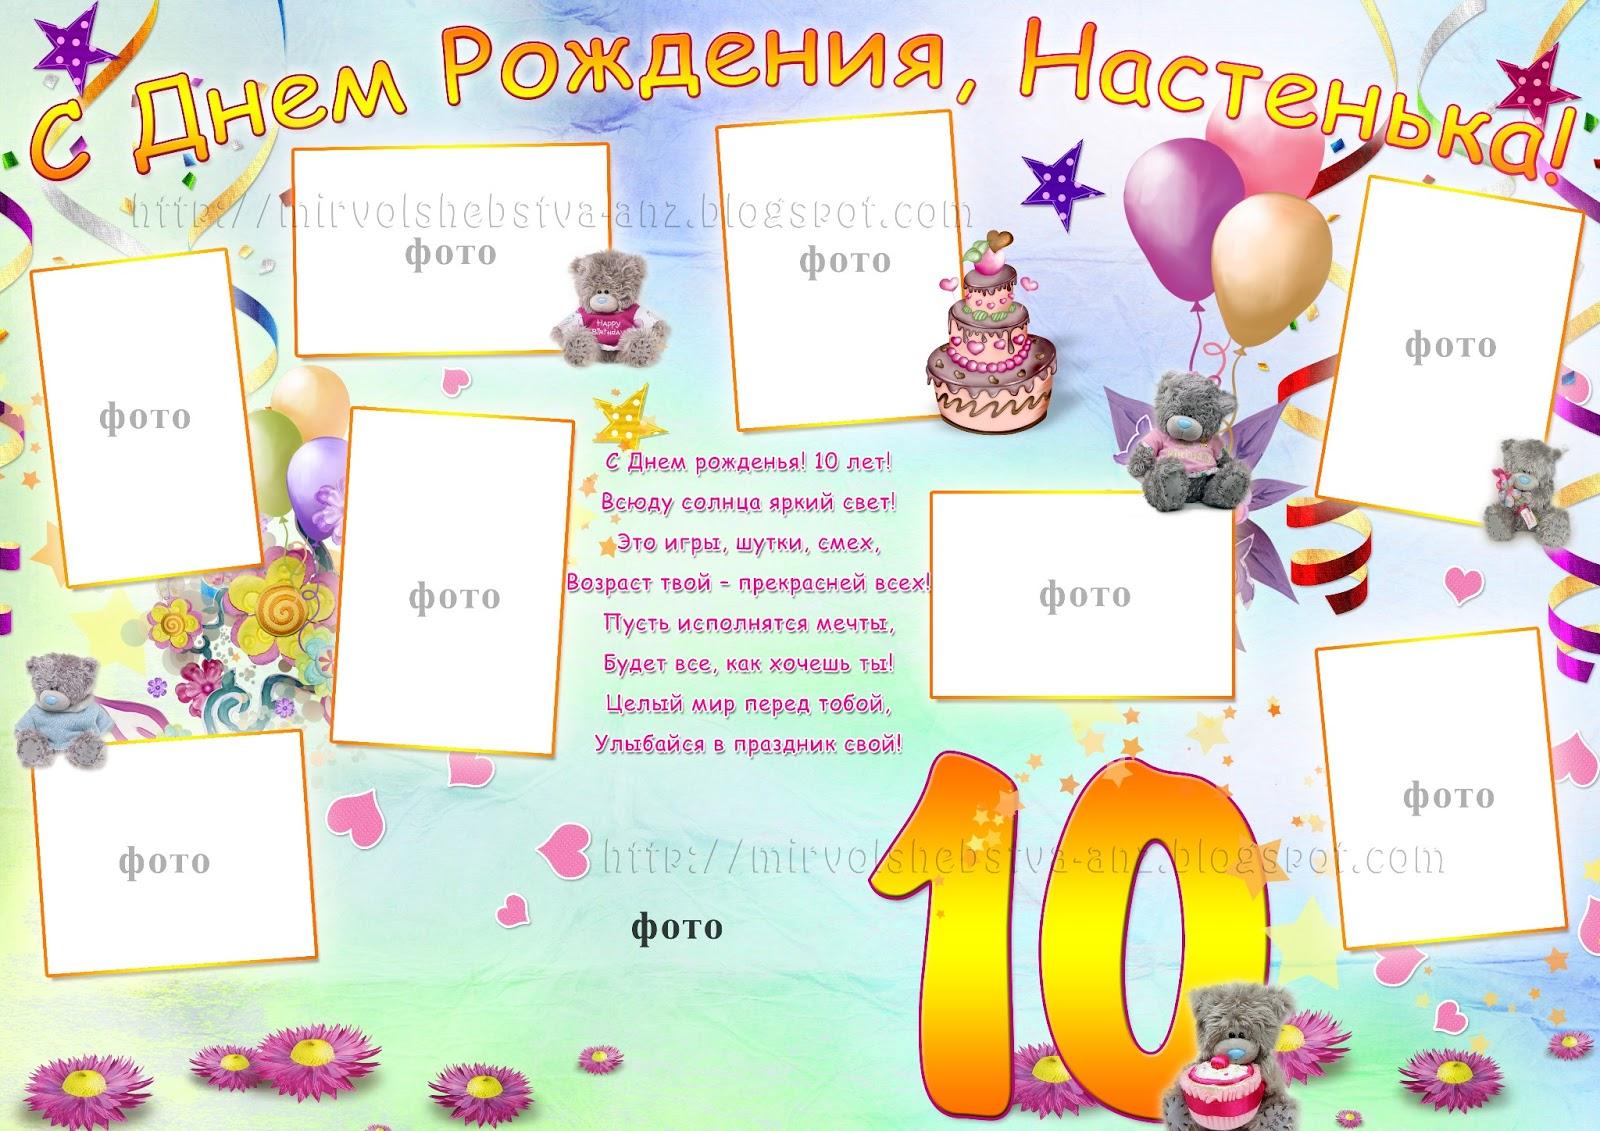 Красивые плакаты с поздравлениями на день рождения